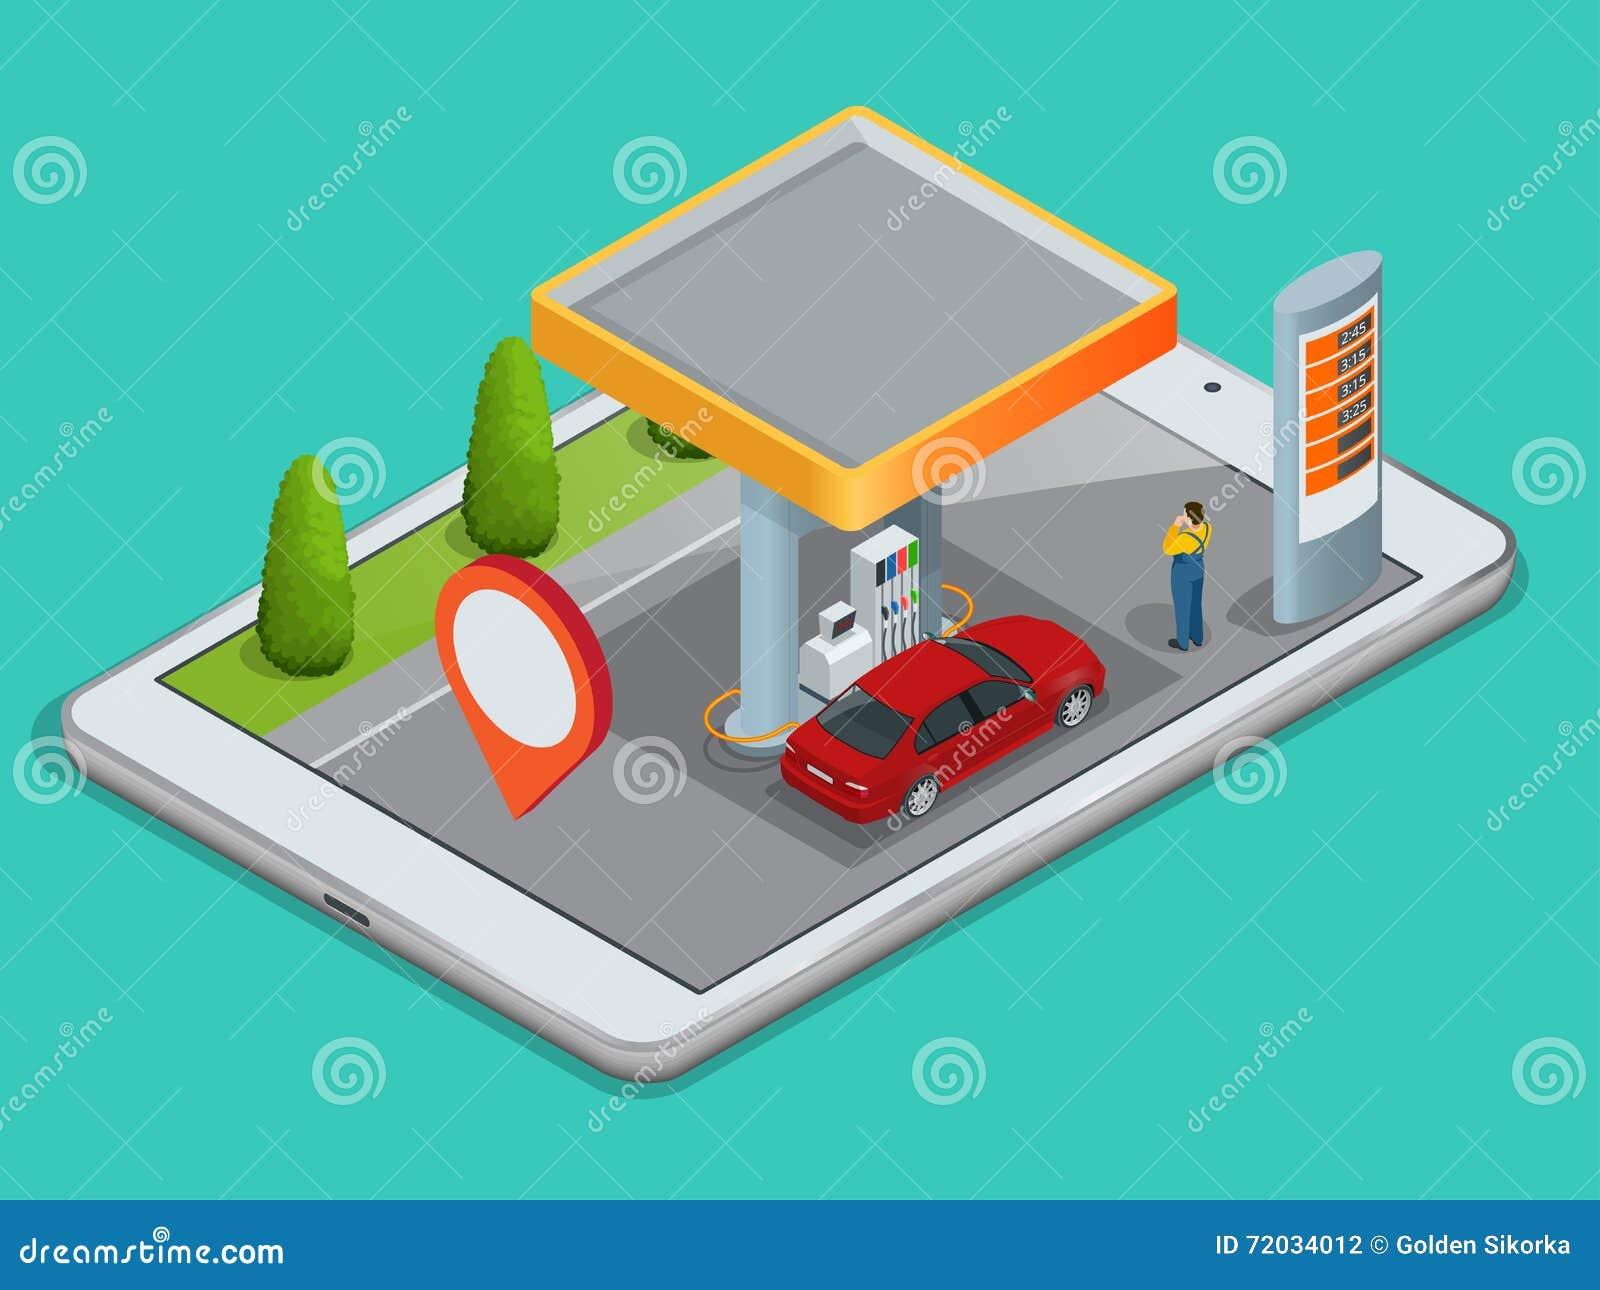 Κινητή ναυσιπλοΐα ΠΣΤ, έννοια βενζινάδικων Δείτε έναν χάρτη στο κινητό τηλέφωνο στις συντεταγμένες ΠΣΤ αυτοκινήτων και αναζήτησης